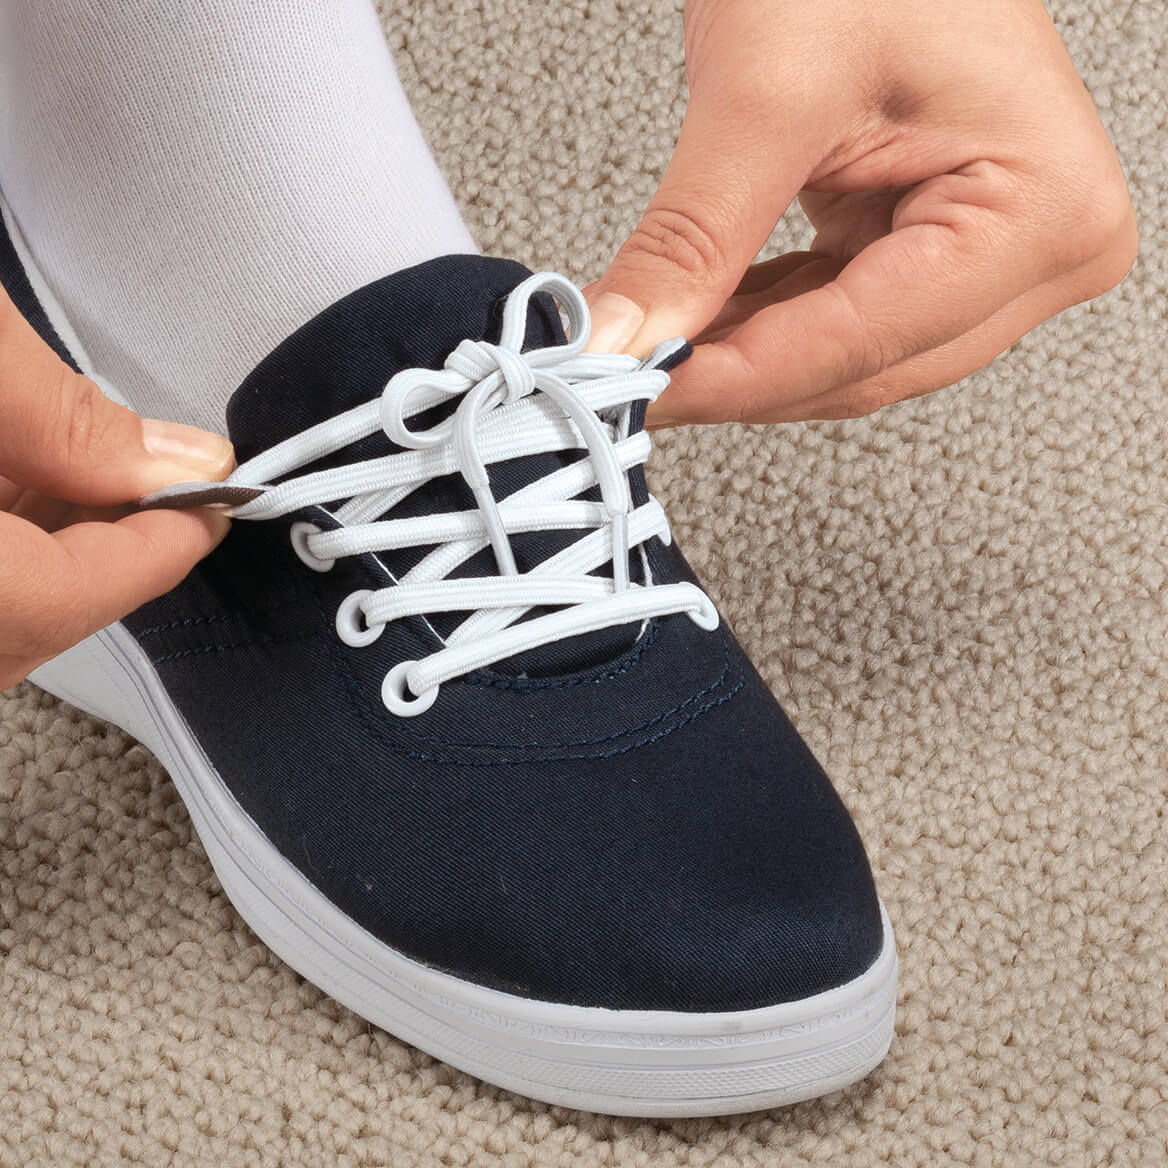 Silver Steps™ Elastic Shoe Laces 3 Pair-341204